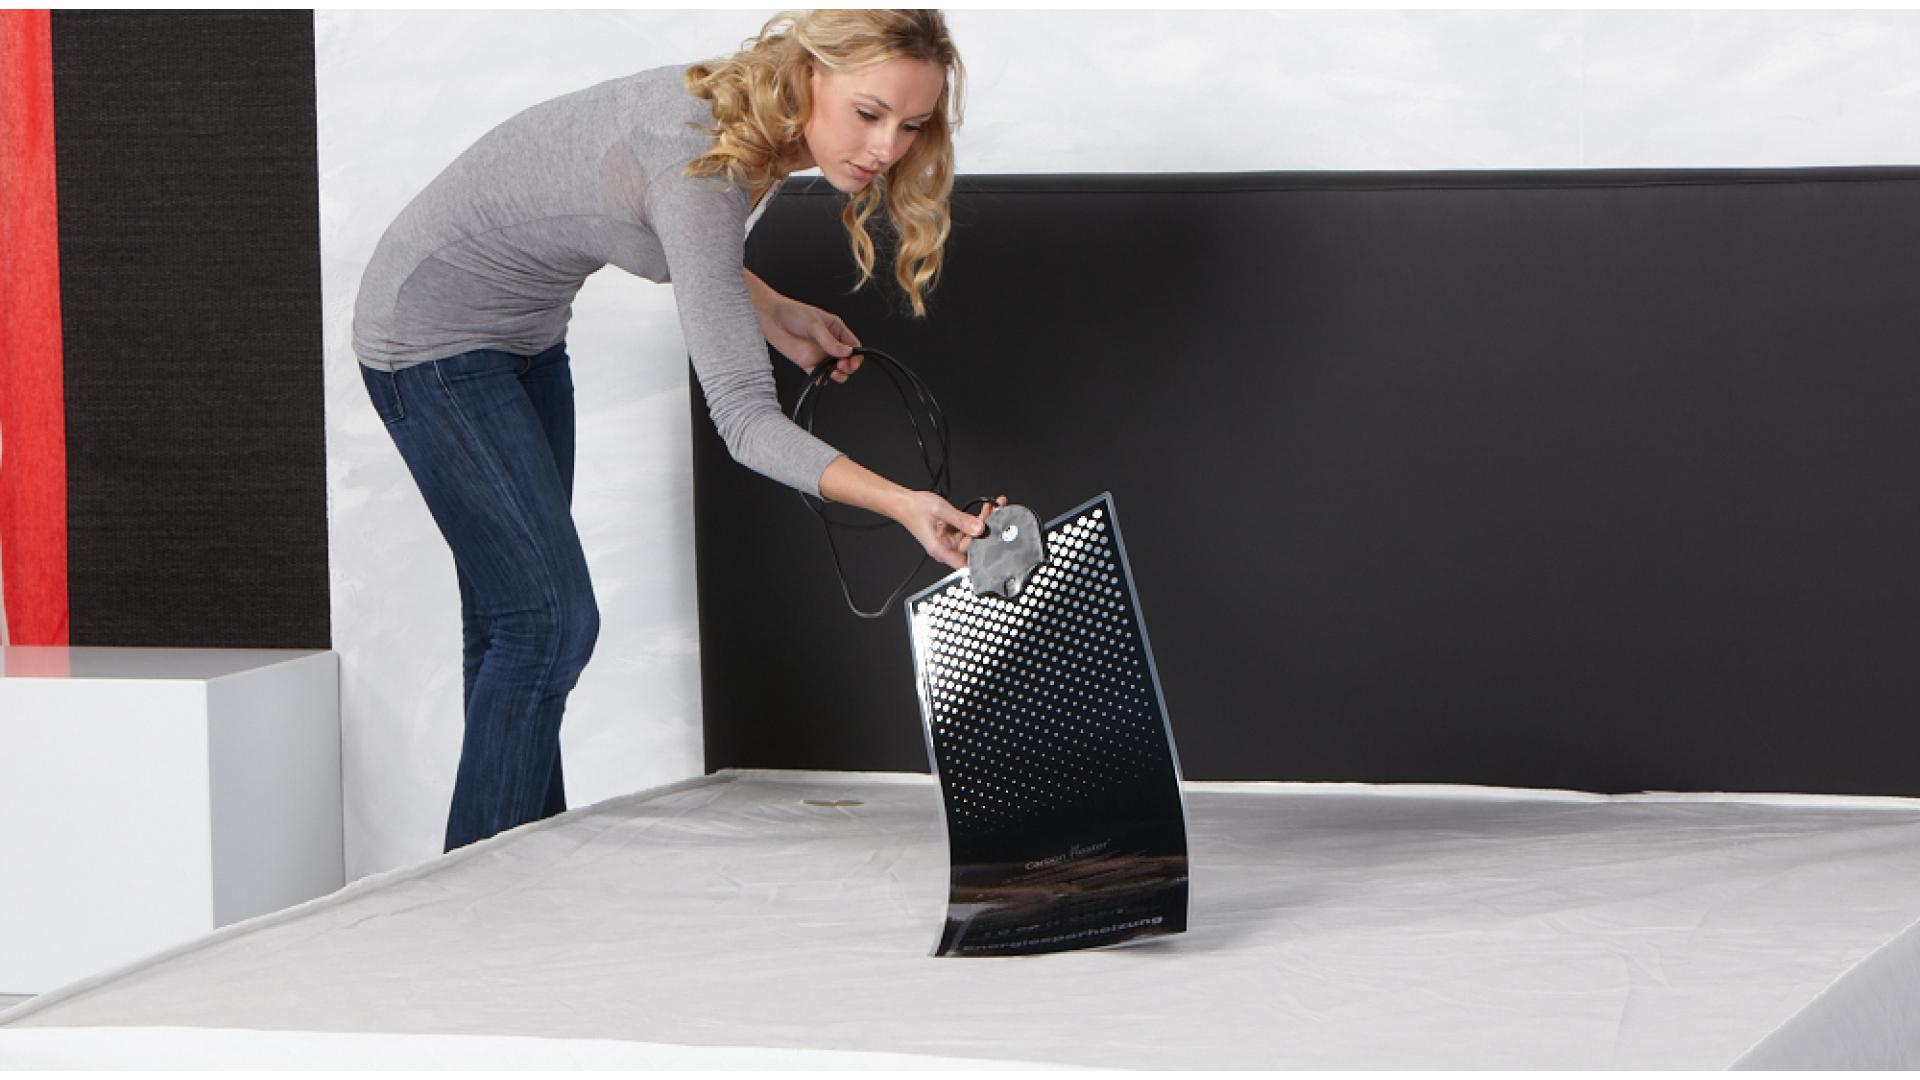 Wasserbett Heizung Carbon Classic Analog anbringen